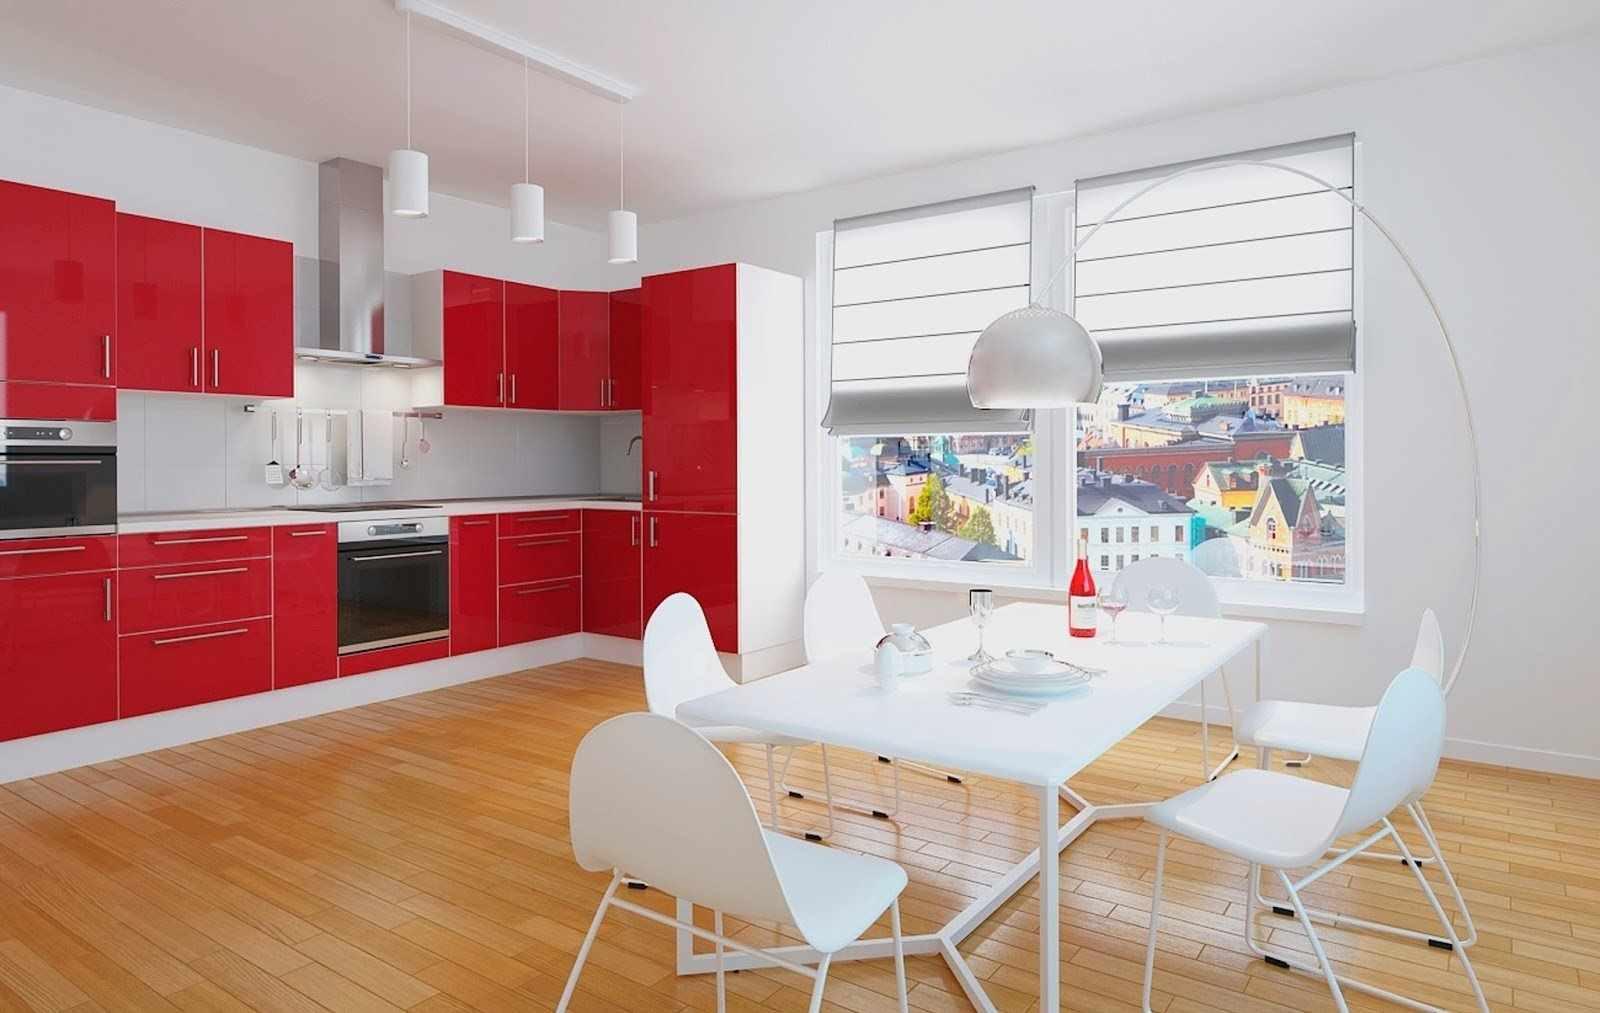 variantă luminoasă de design a bucătăriei roșii